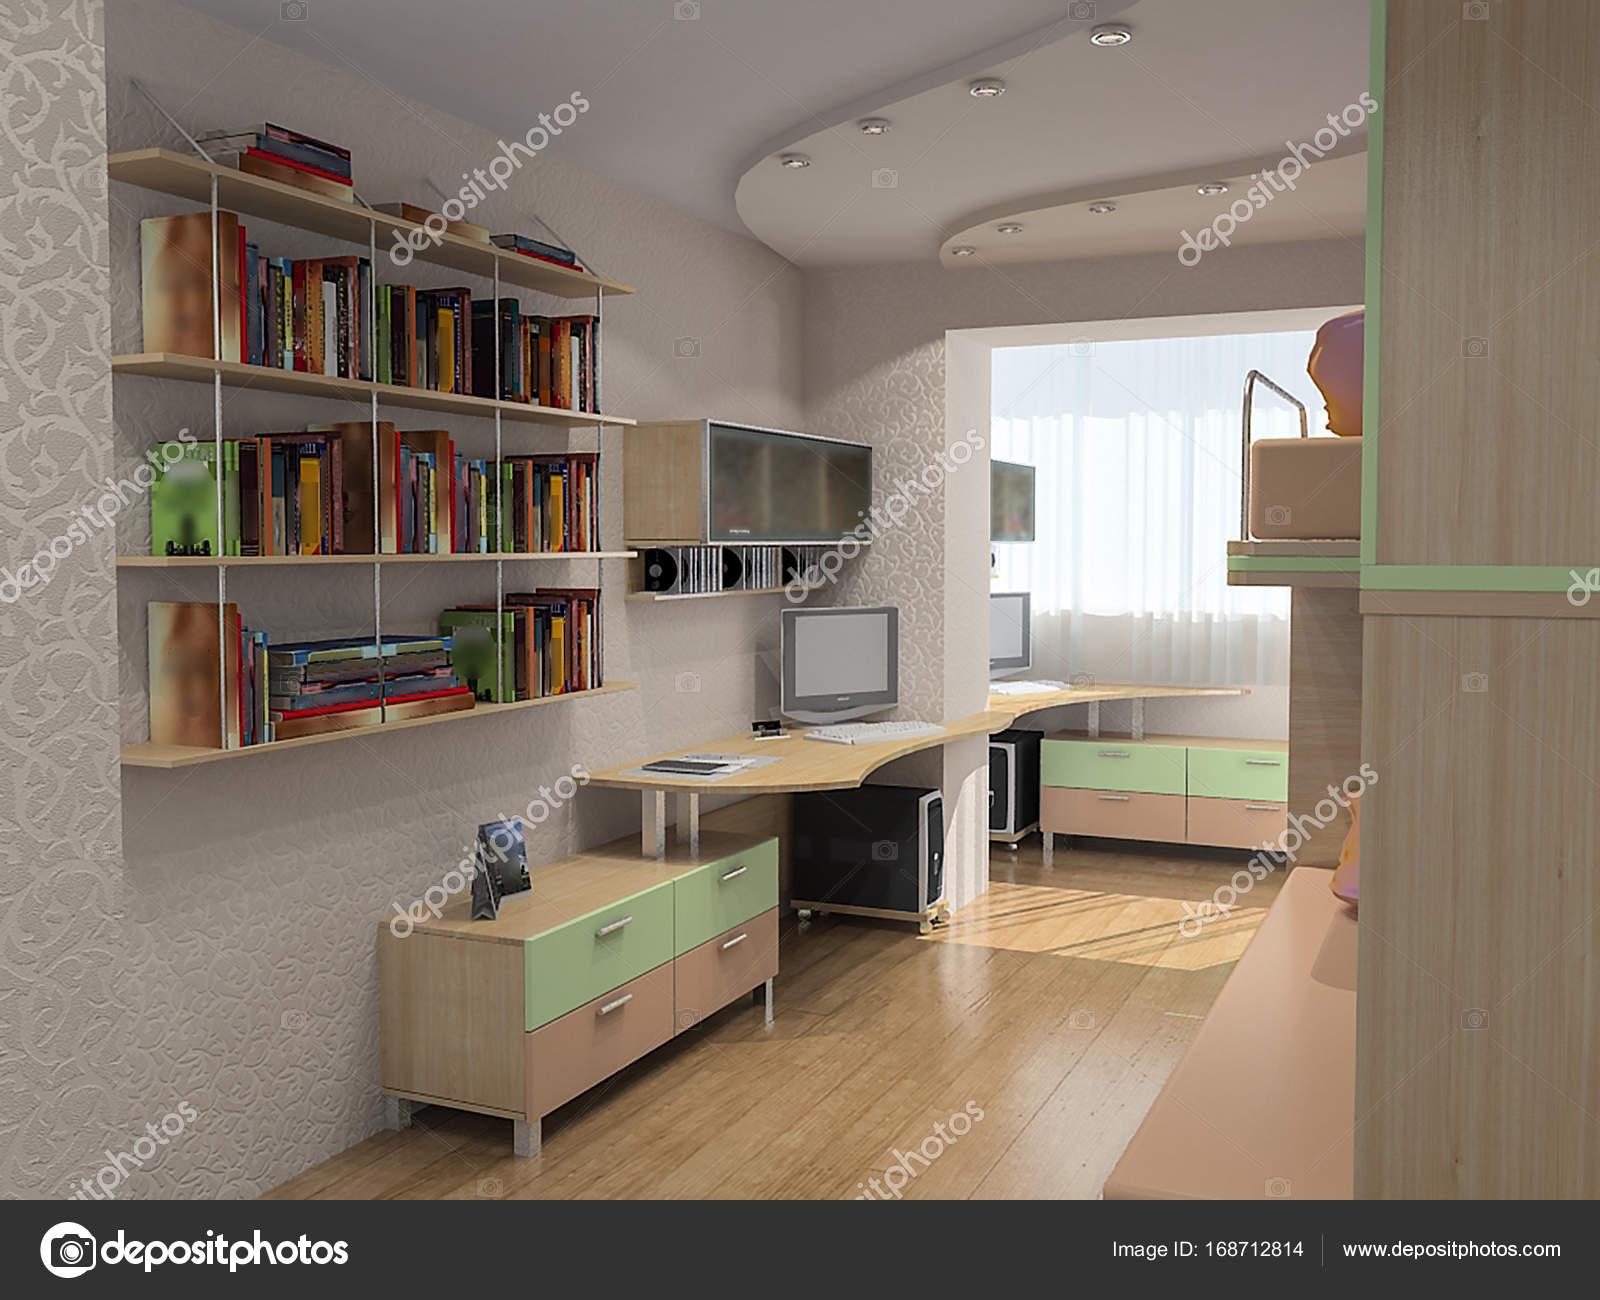 open concept kinderen slaapkamer ideen van het ontwerp 3d illustratie stockfoto